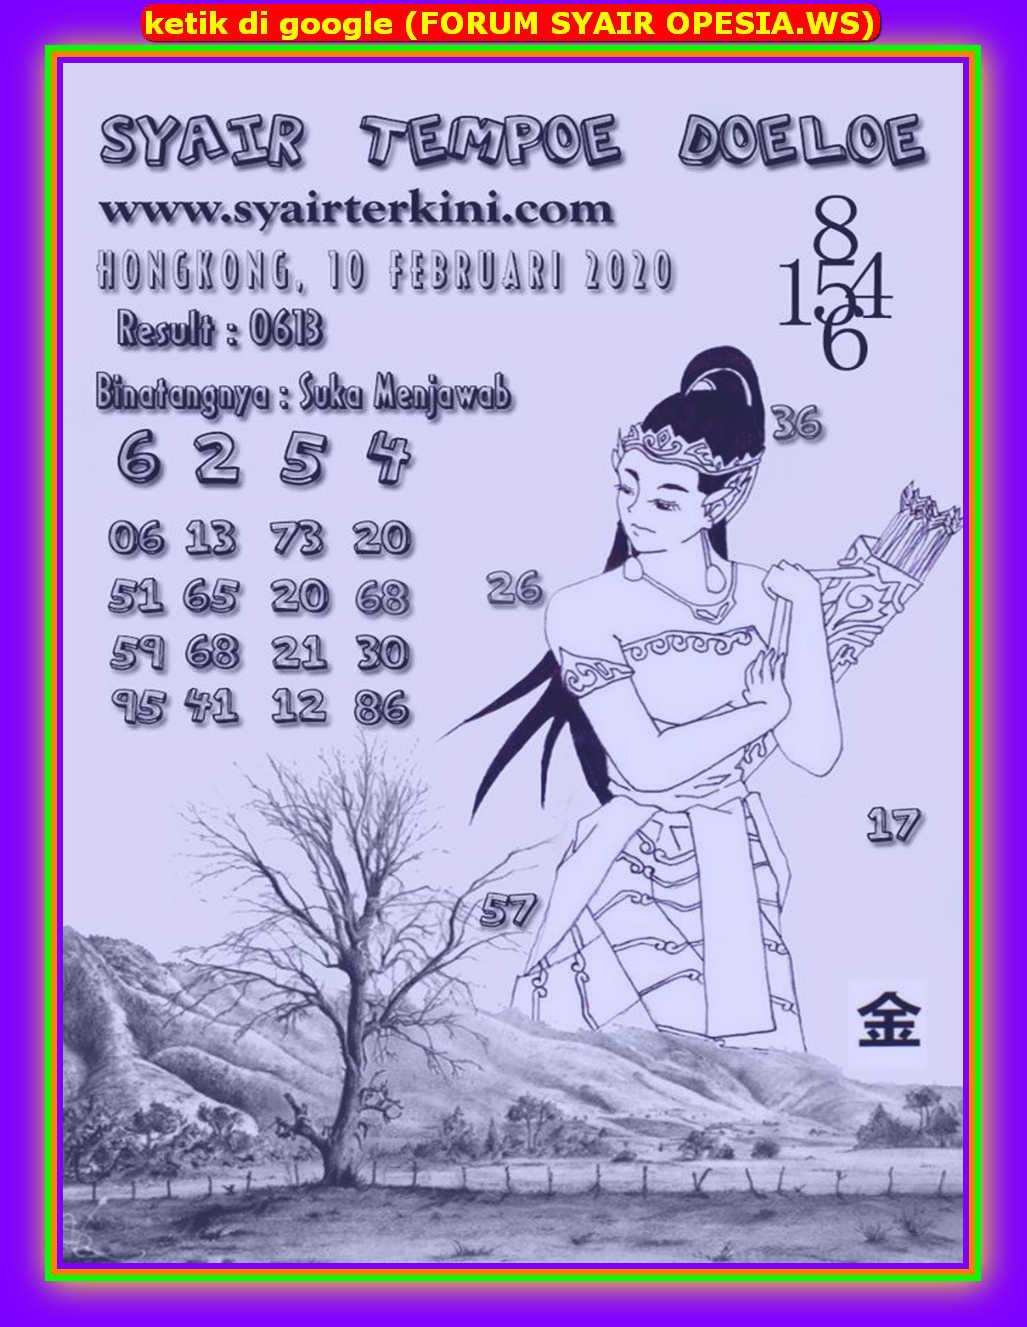 Kode syair Hongkong Senin 10 Februari 2020 99